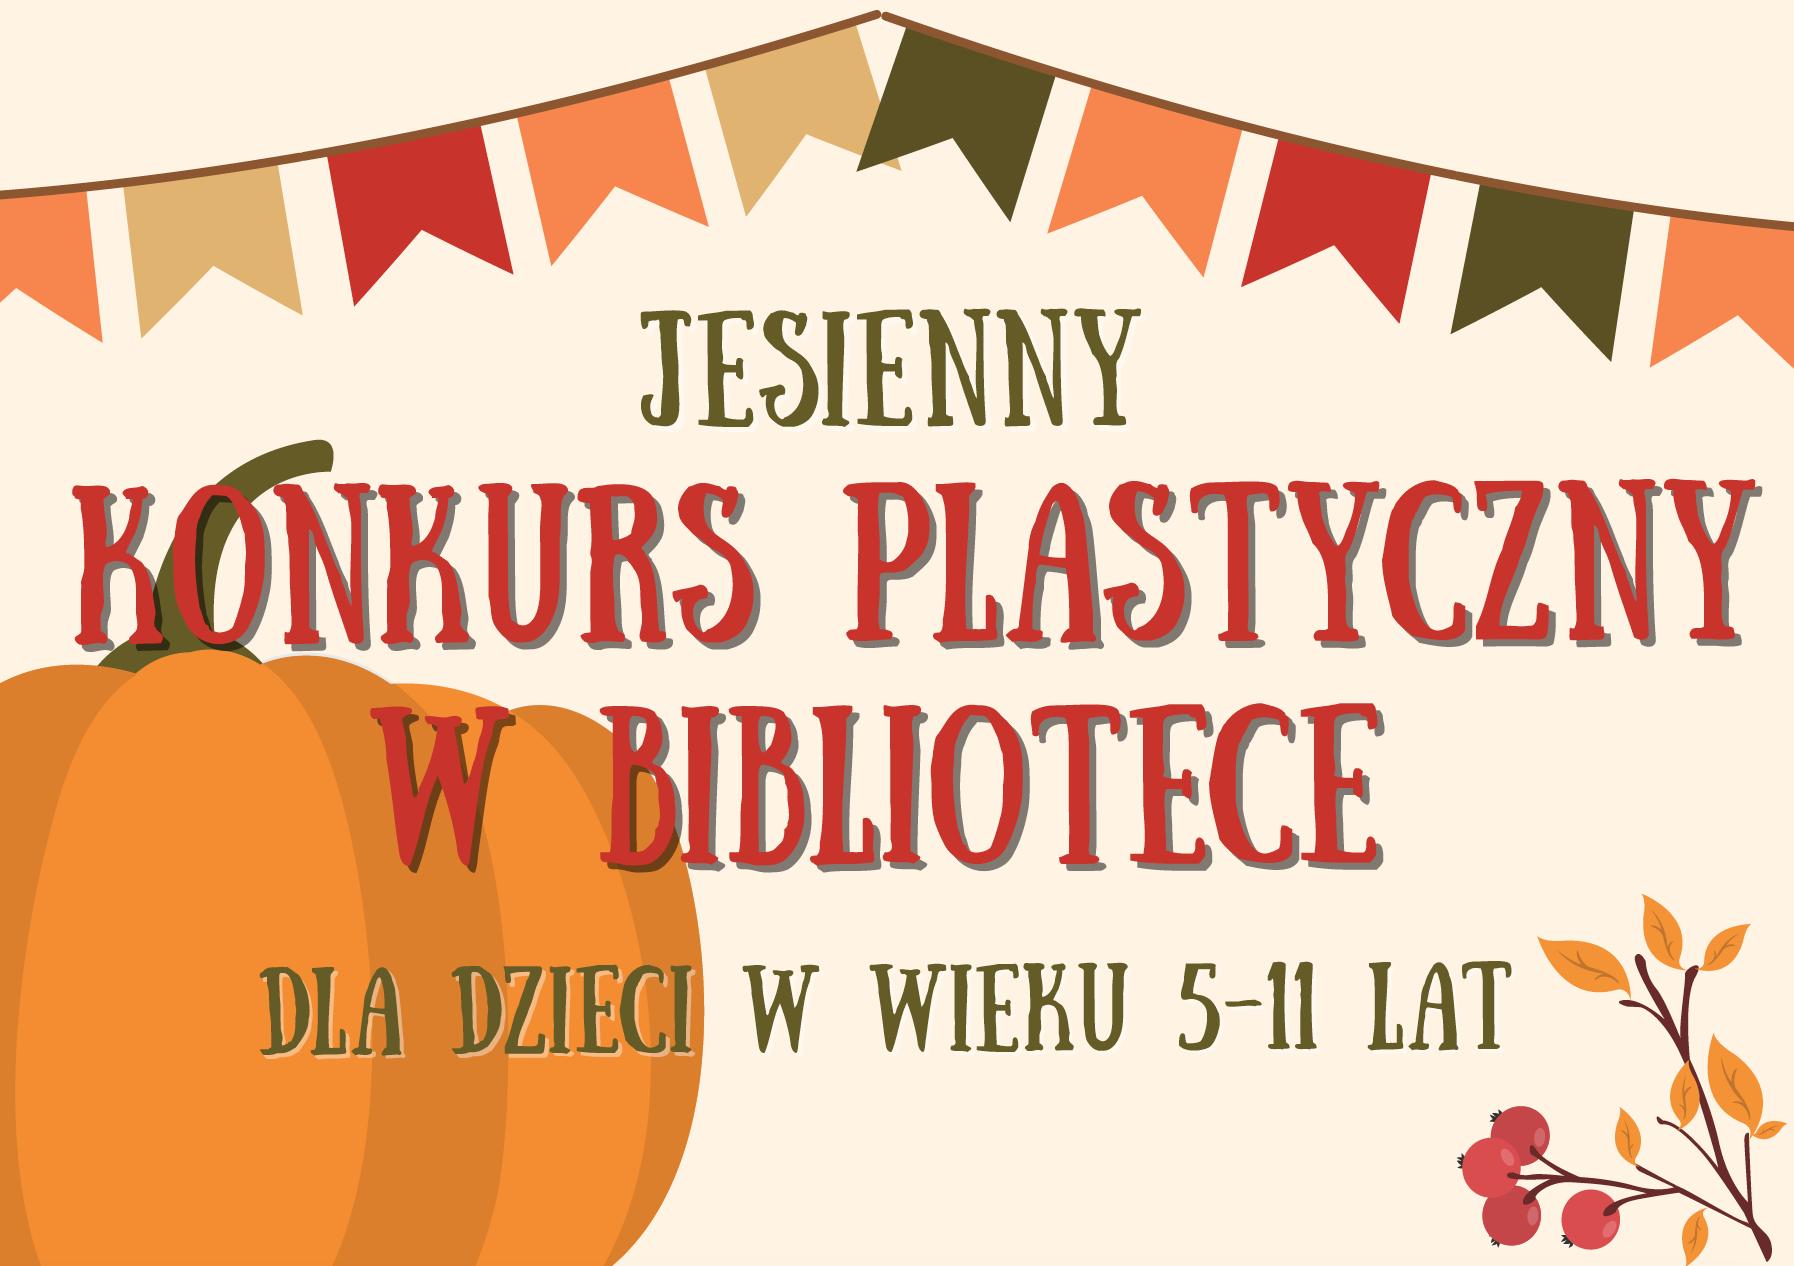 Baner informacyjny: Jesienny Konkurs Plastyczny dla dzieci 5-11 lat